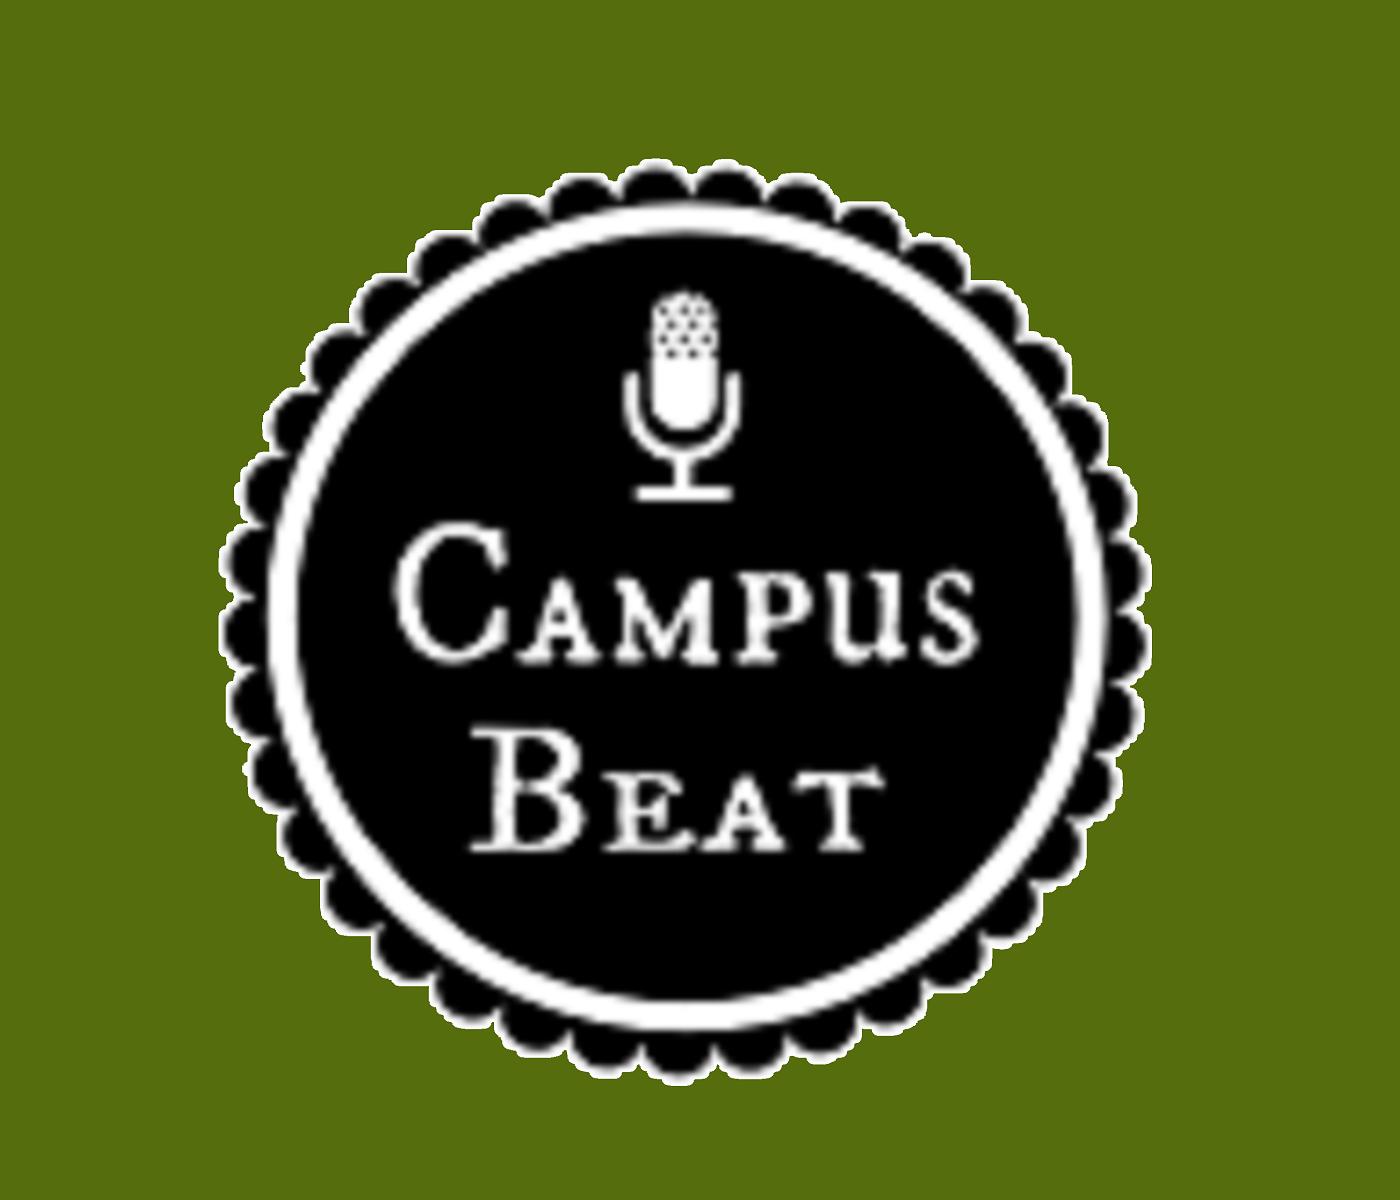 Campus Beat logo